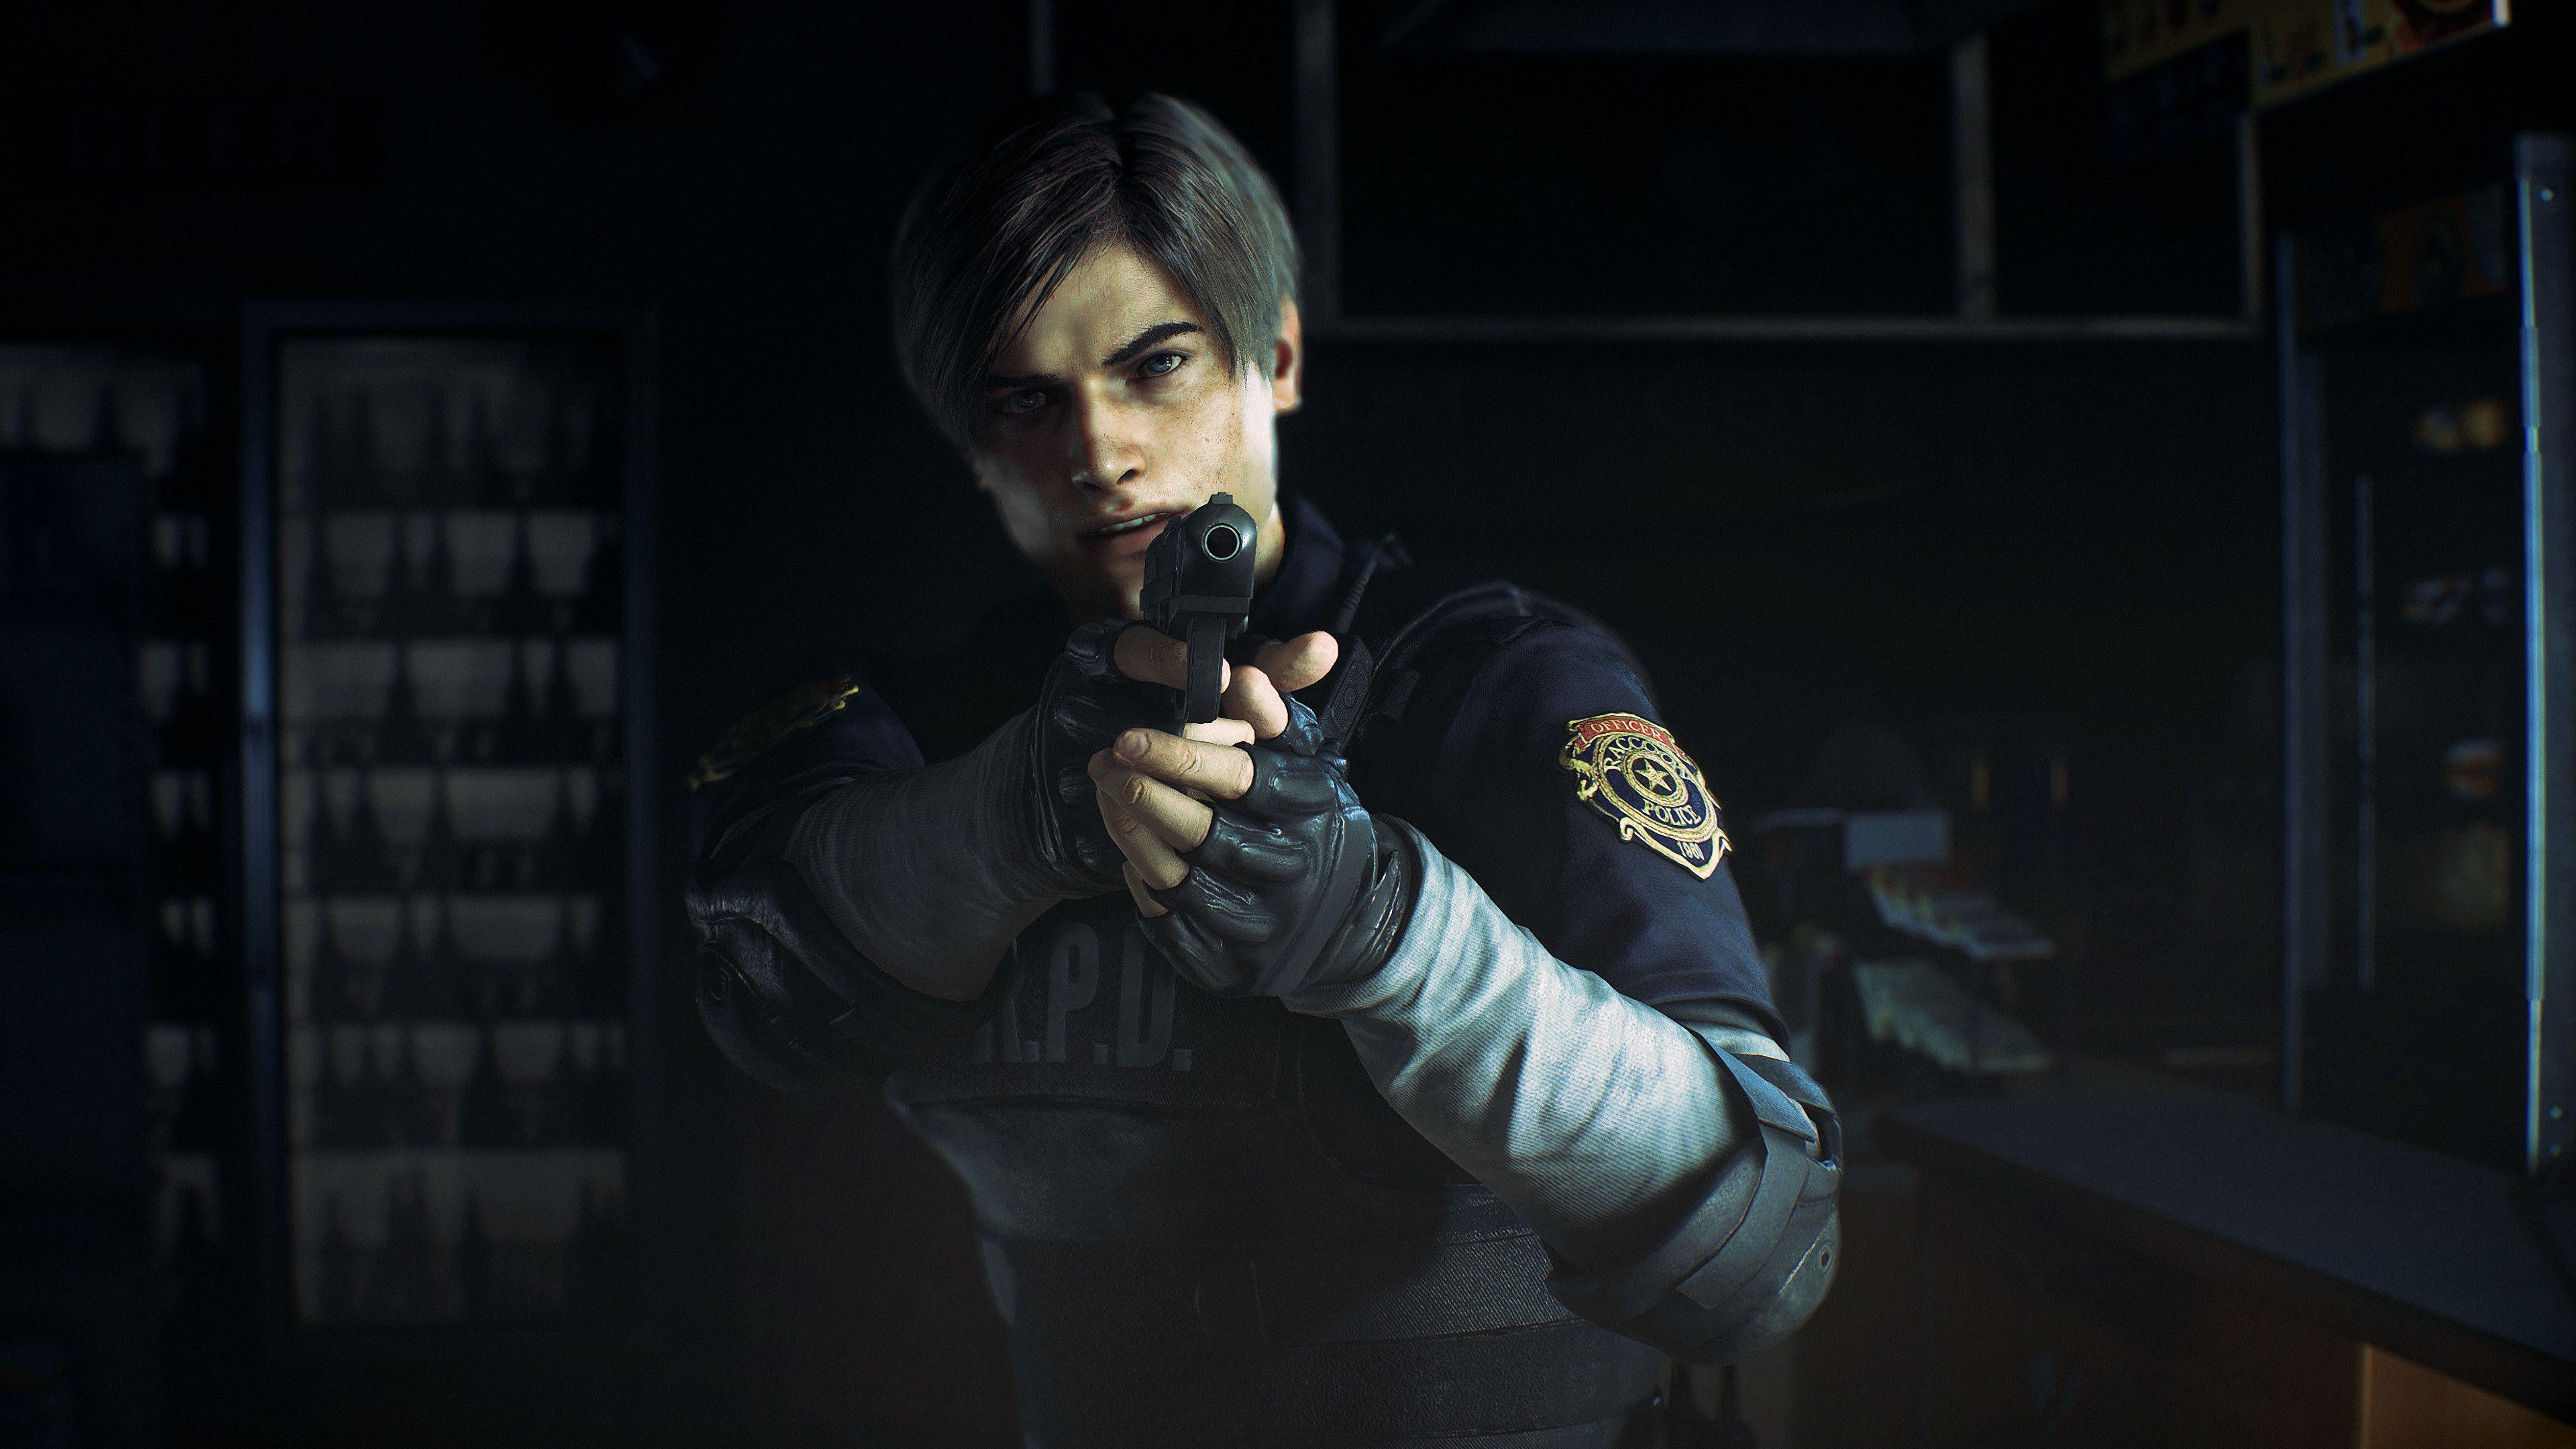 Leon Kennedy Resident Evil 2 4k Resident Evil 2 Wallpapers Leon Kennedy Wallpapers Hd Wallpapers Games Resident Evil Leon Resident Evil Game Leon S Kennedy